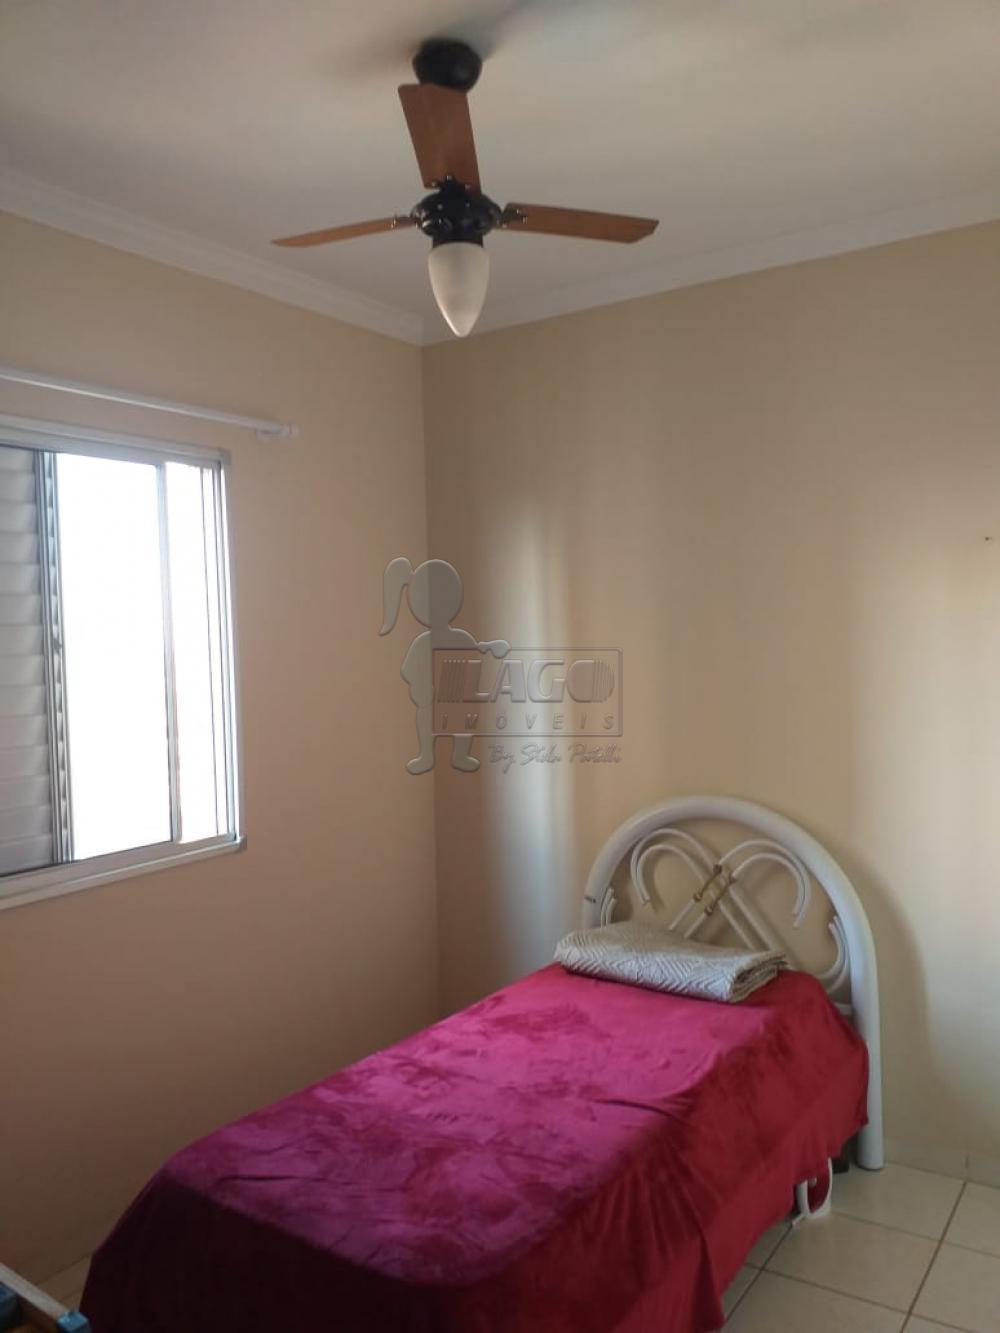 Comprar Apartamento / Padrão em Ribeirão Preto apenas R$ 210.000,00 - Foto 24